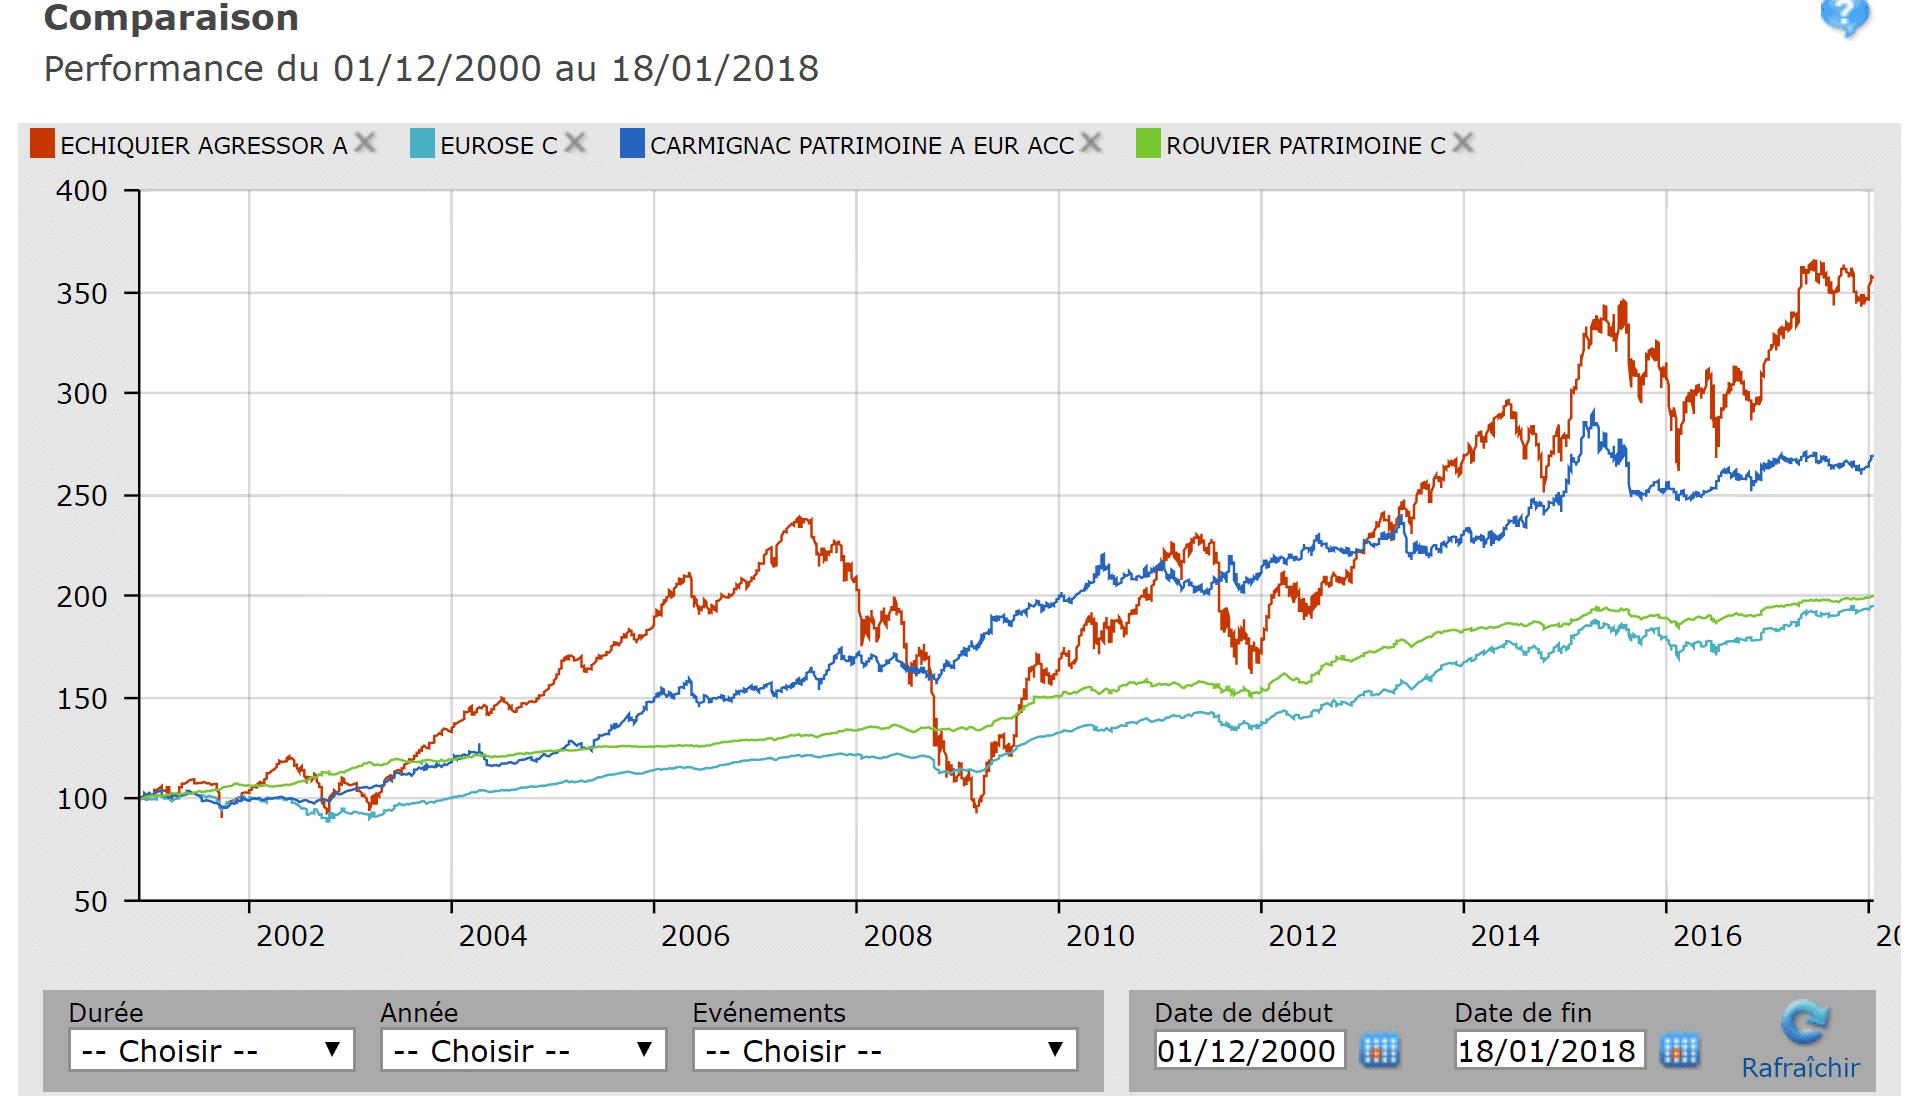 Comparaison-fonds-assurance-vie-luxembourg-2000-2018